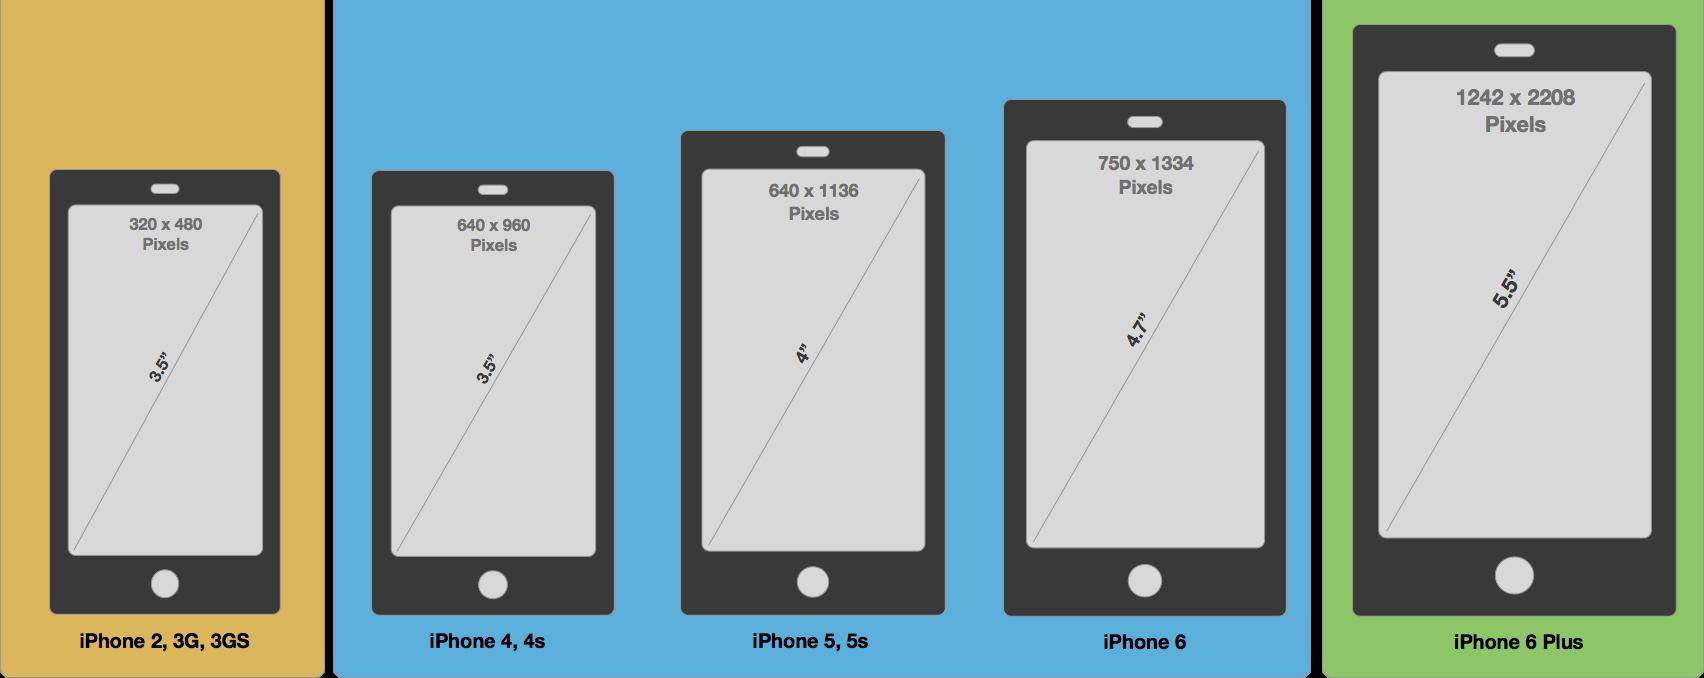 Разрешения смартфонов Apple